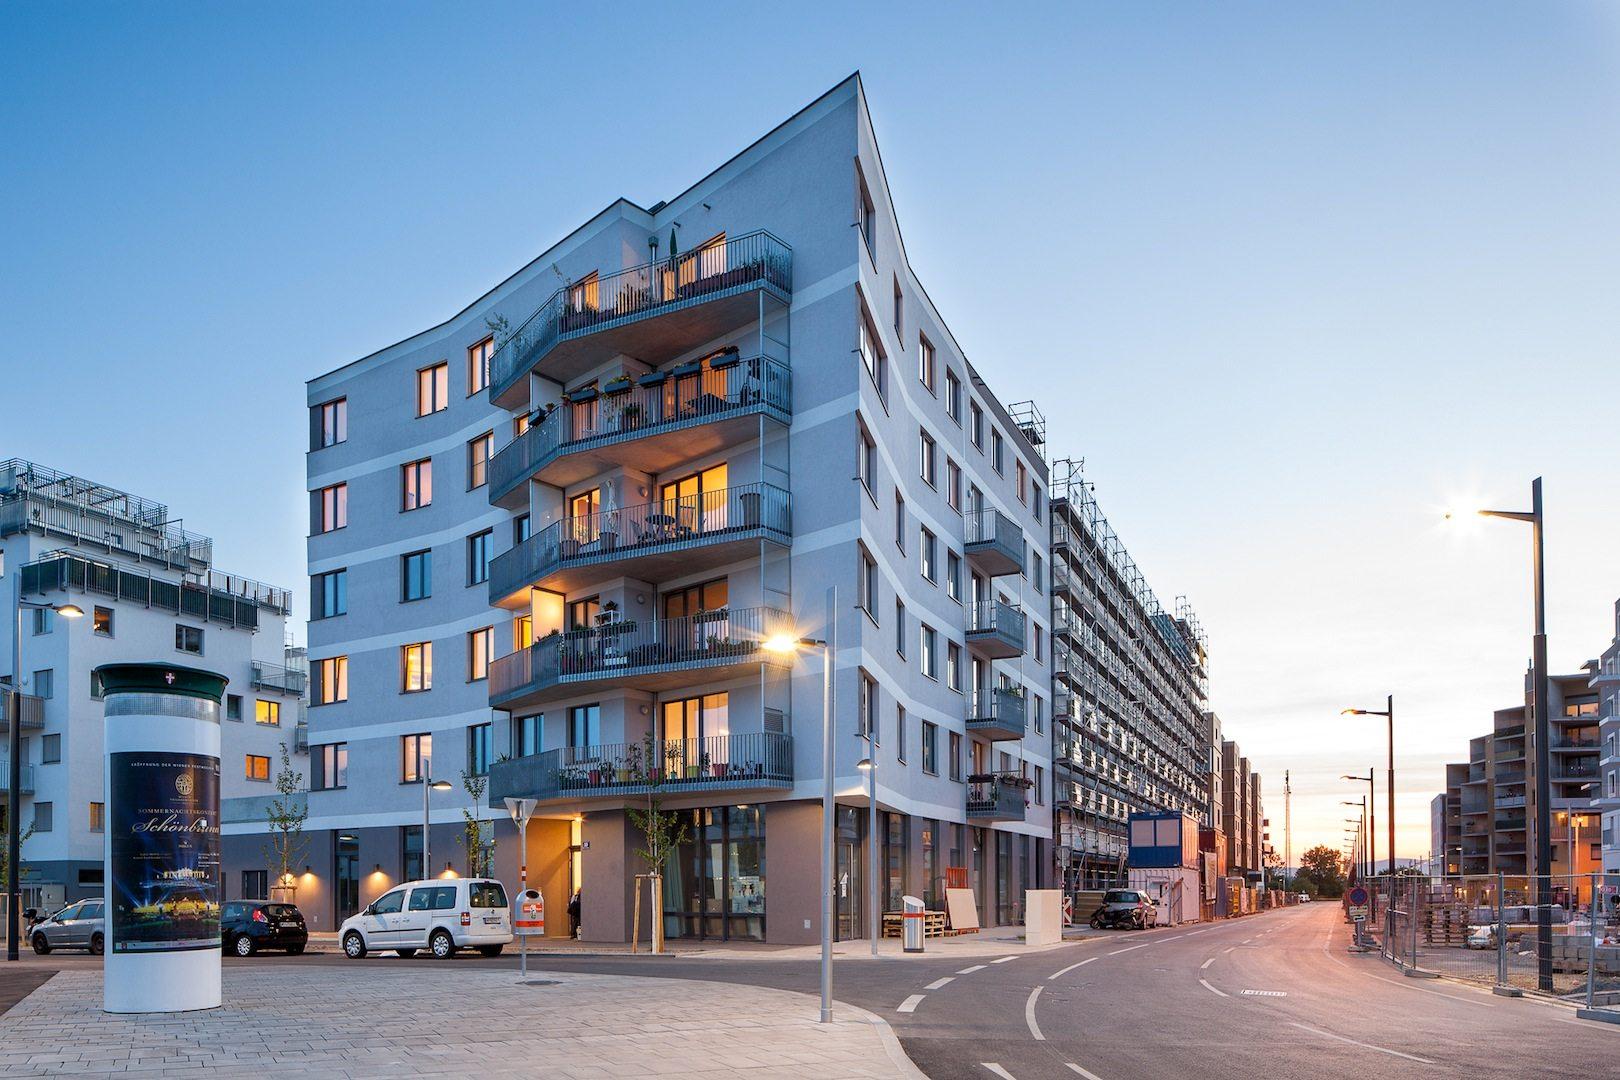 Jaspern. Partizipatives Passivhaus-Baugruppenprojekt der Seestadt, das sich durch höchsten energetischen Standard, besonderen Nutzer-Komfort, einen innovativen sozio-kulturellen Ansatz zum Wohnen in Gemeinschaft sowie ein ökologisches Gebäude- und Freiraumkonzept auszeichnet